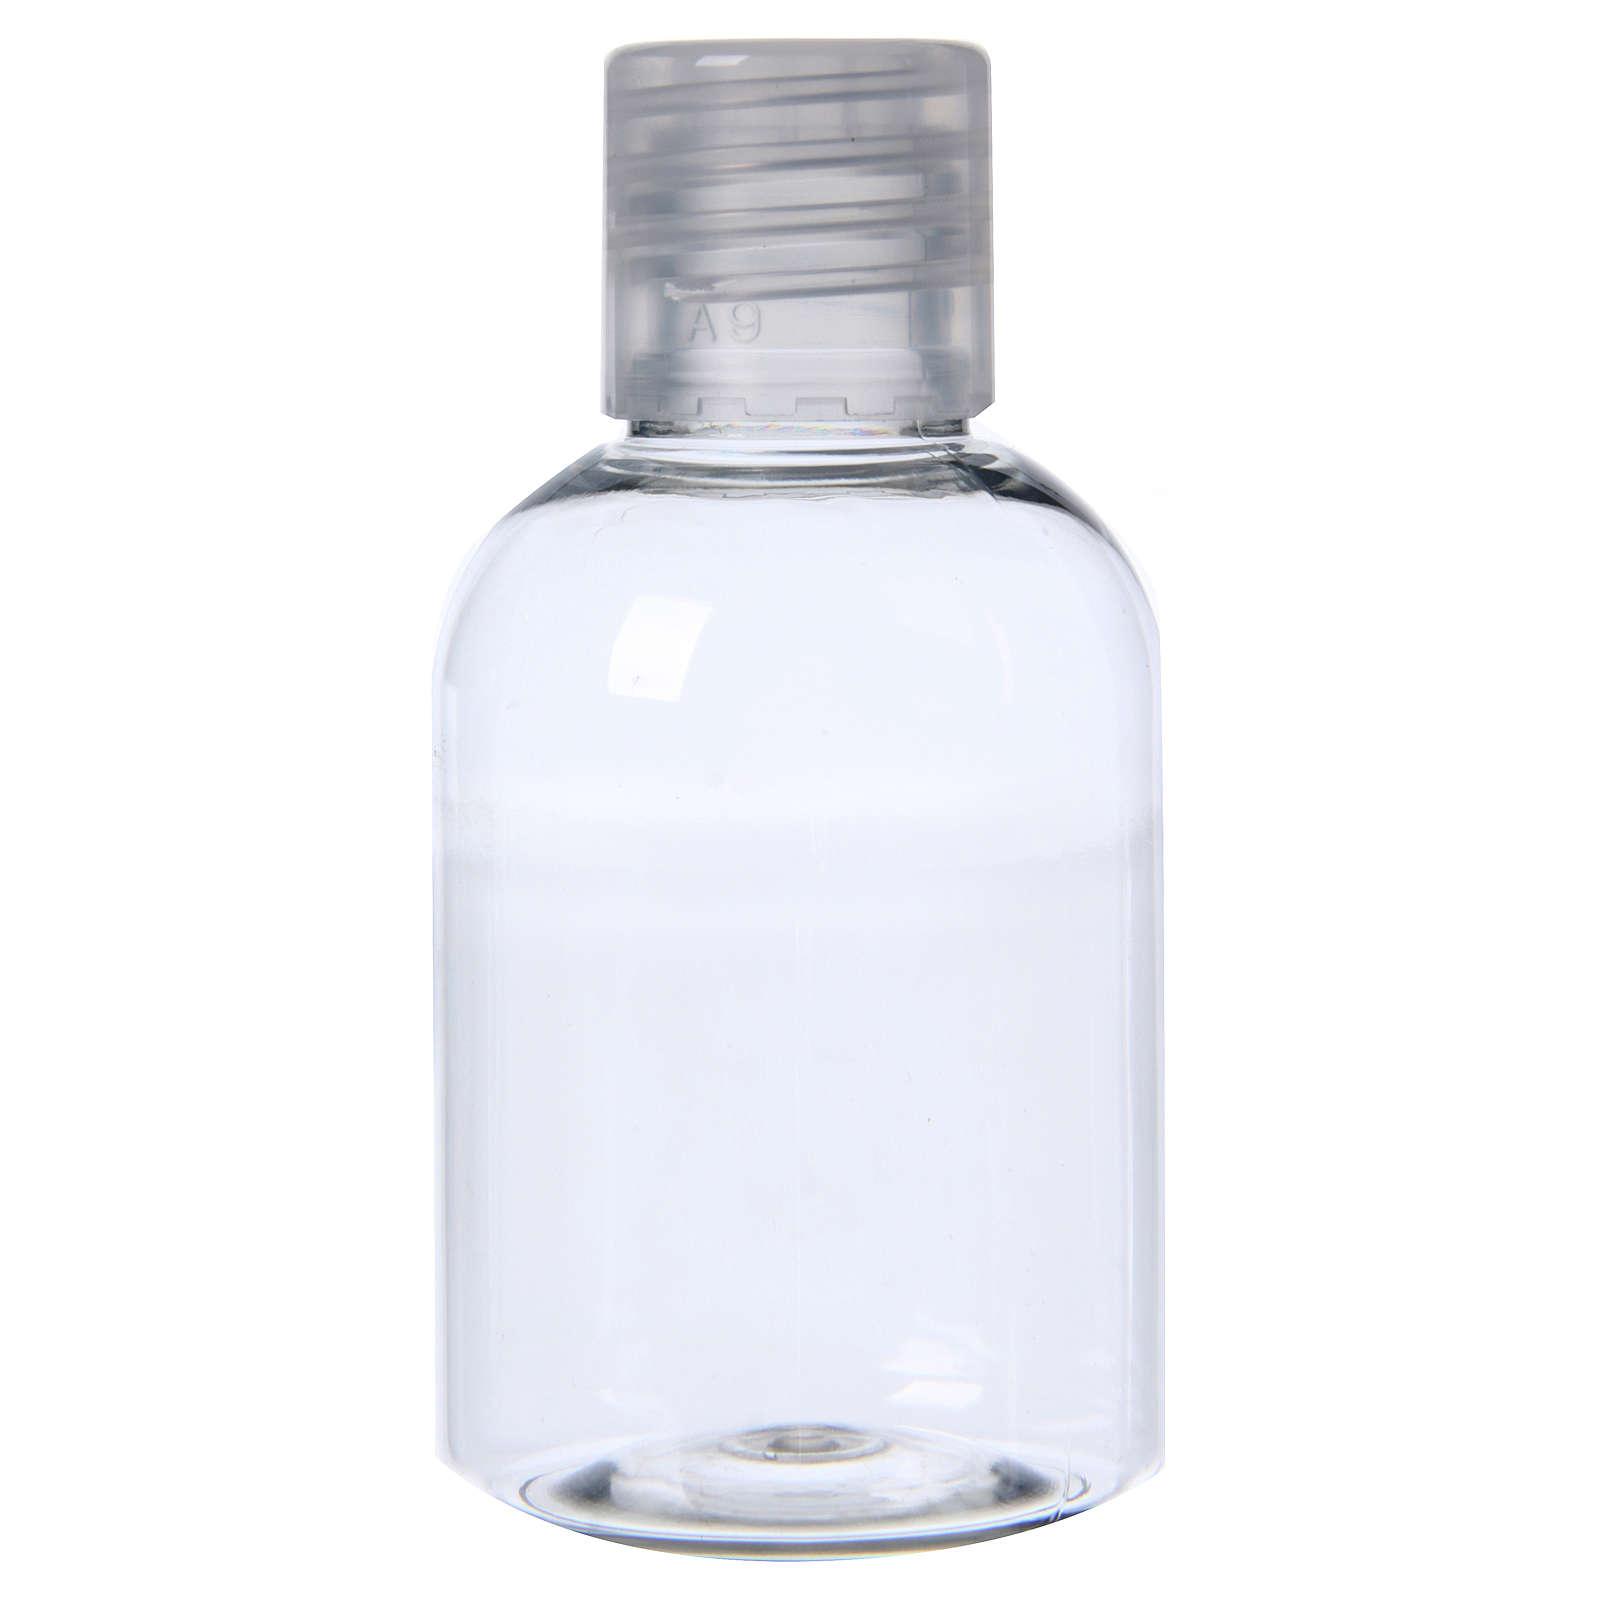 Garrafas para Água Benta 50 ml caixa 100 unidades 3